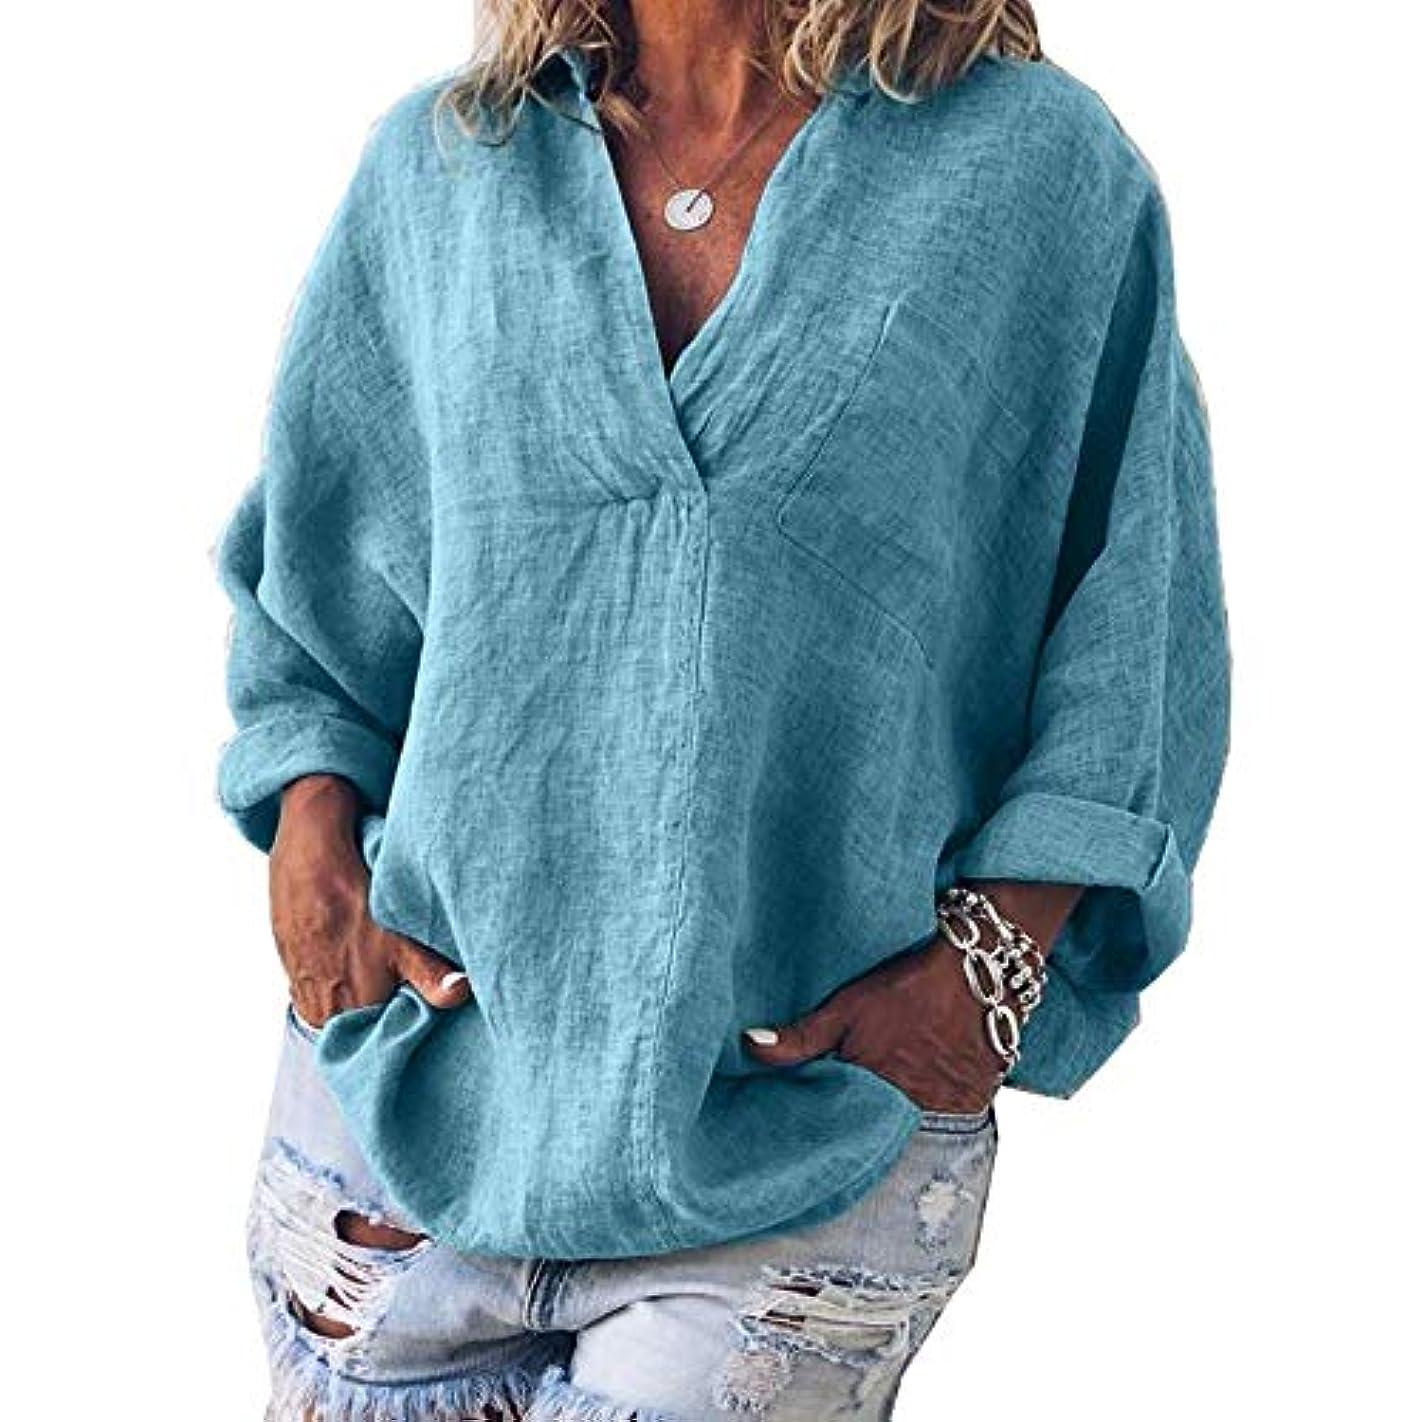 不器用平日スケルトンMIFAN女性ファッション春夏チュニックトップス深いVネックTシャツ長袖プルオーバールーズリネンブラウス